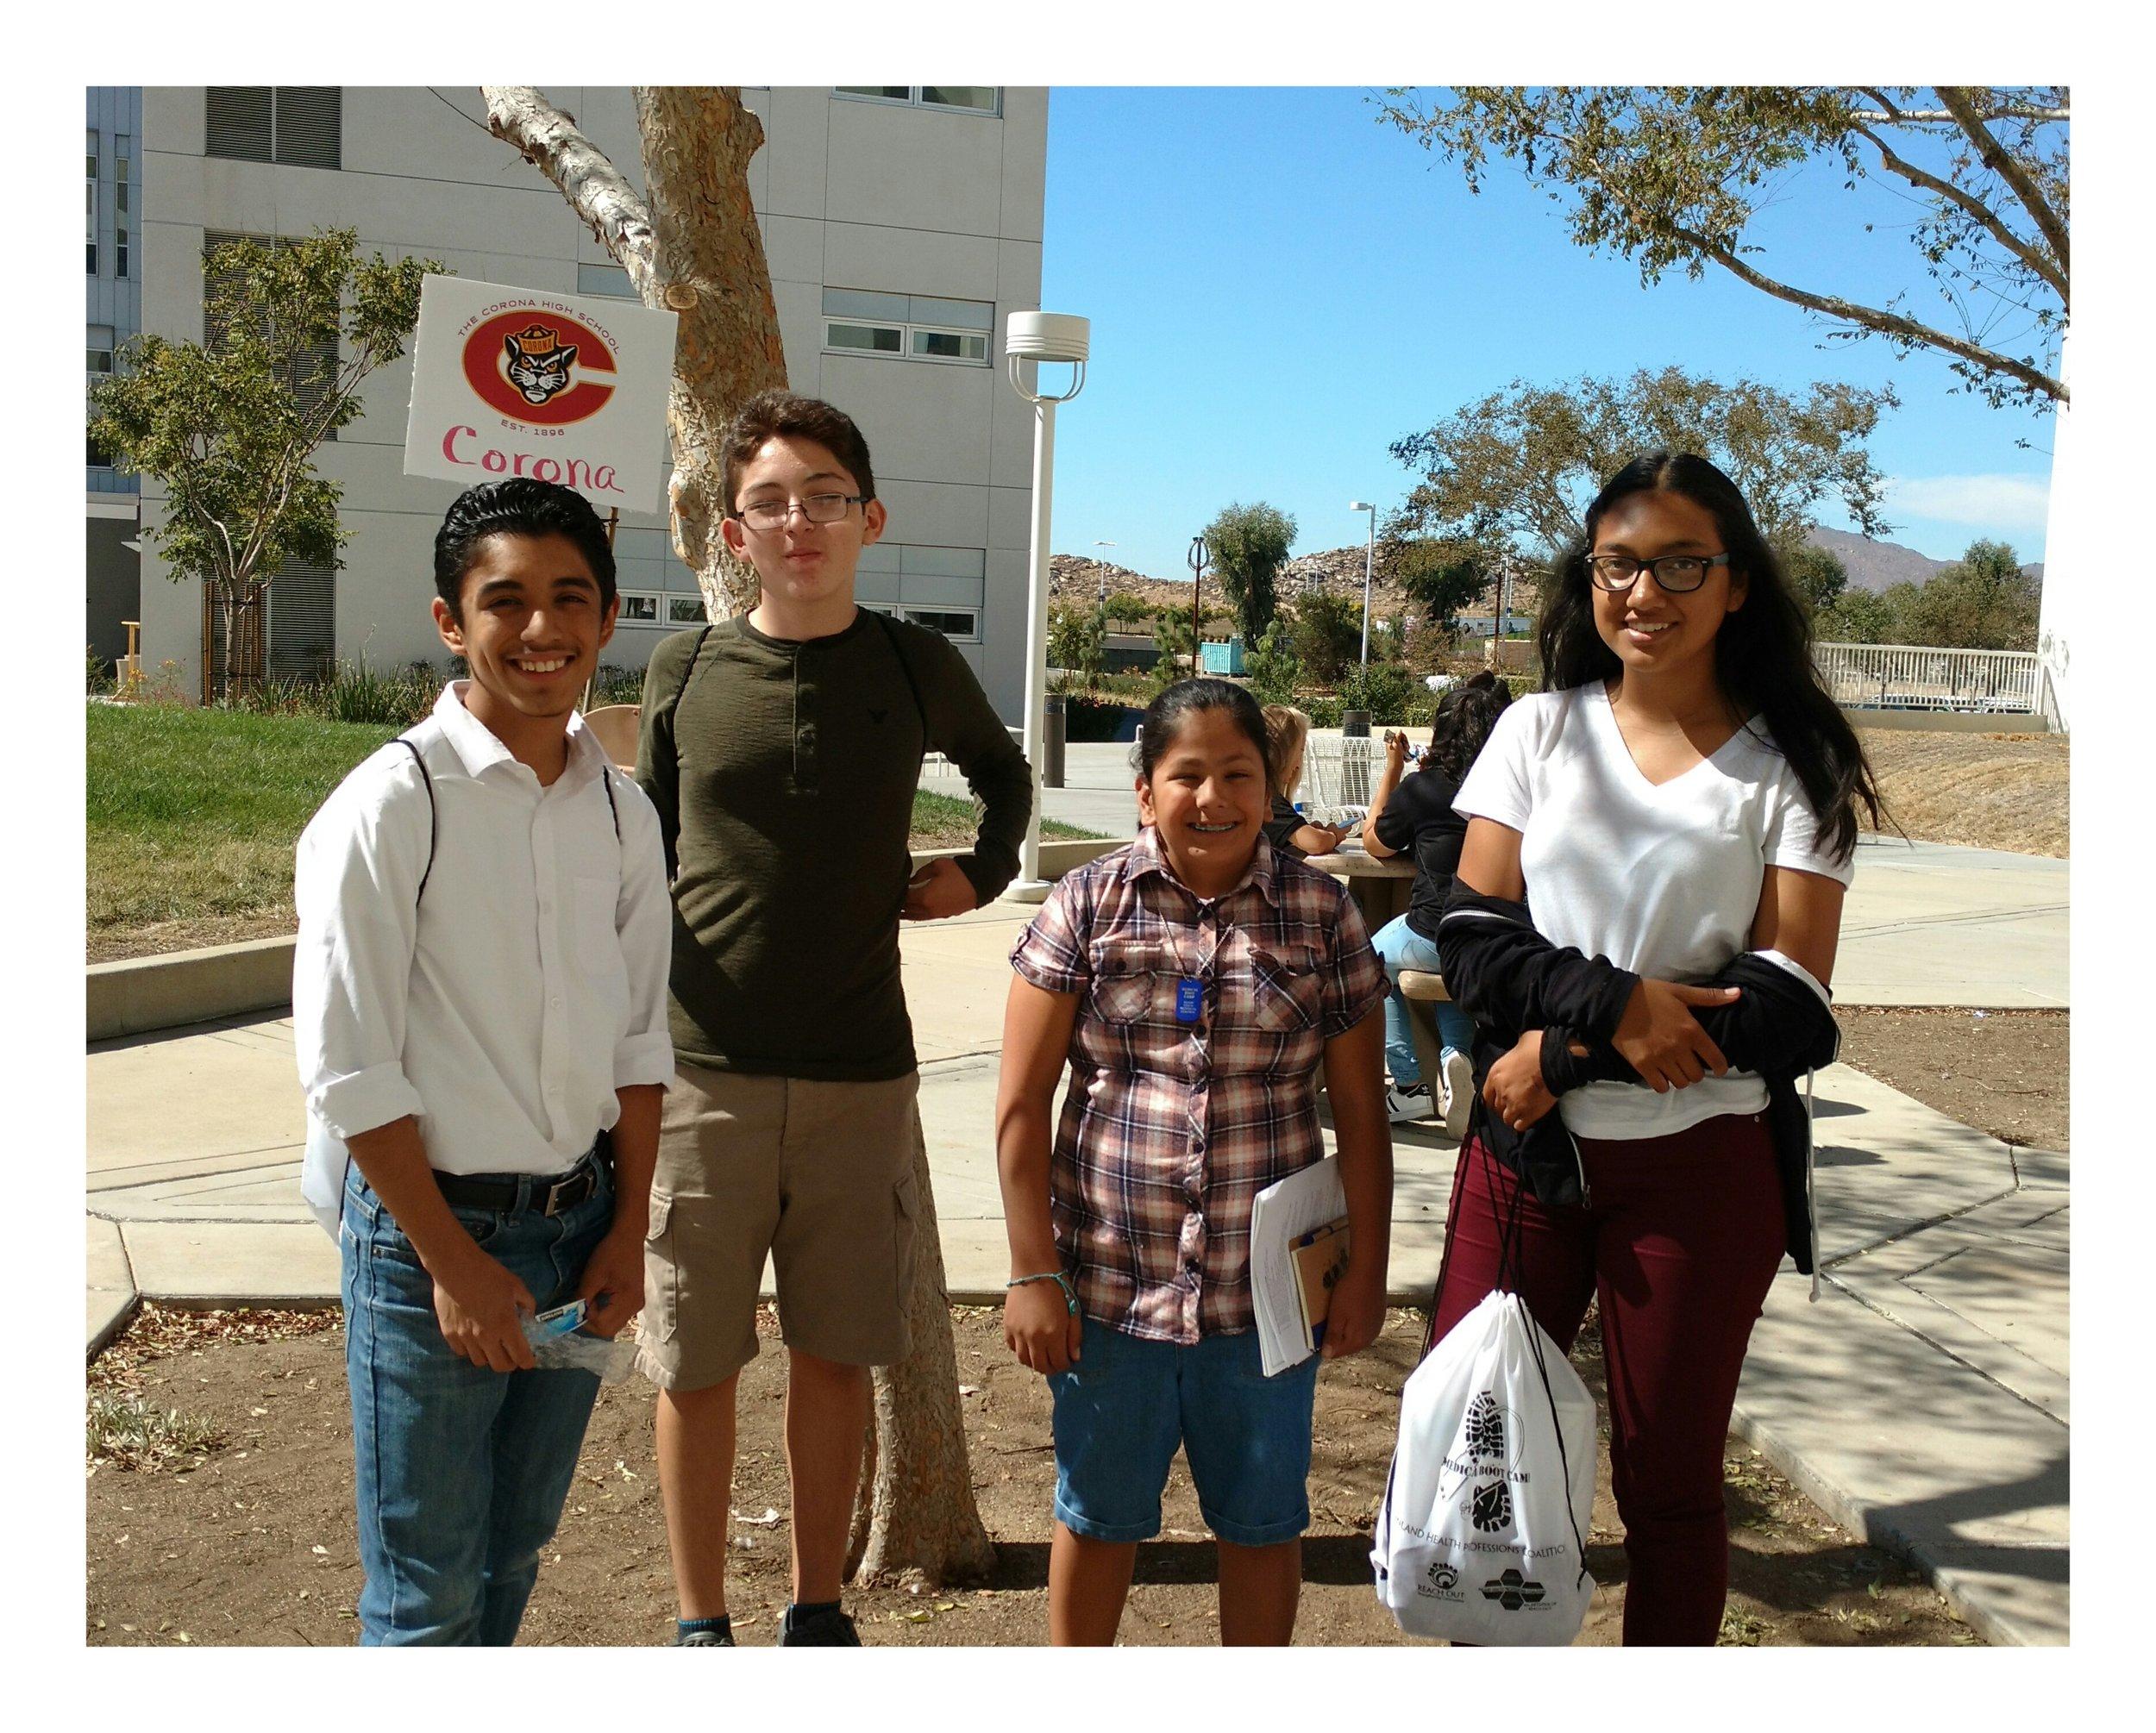 Corona High School students.